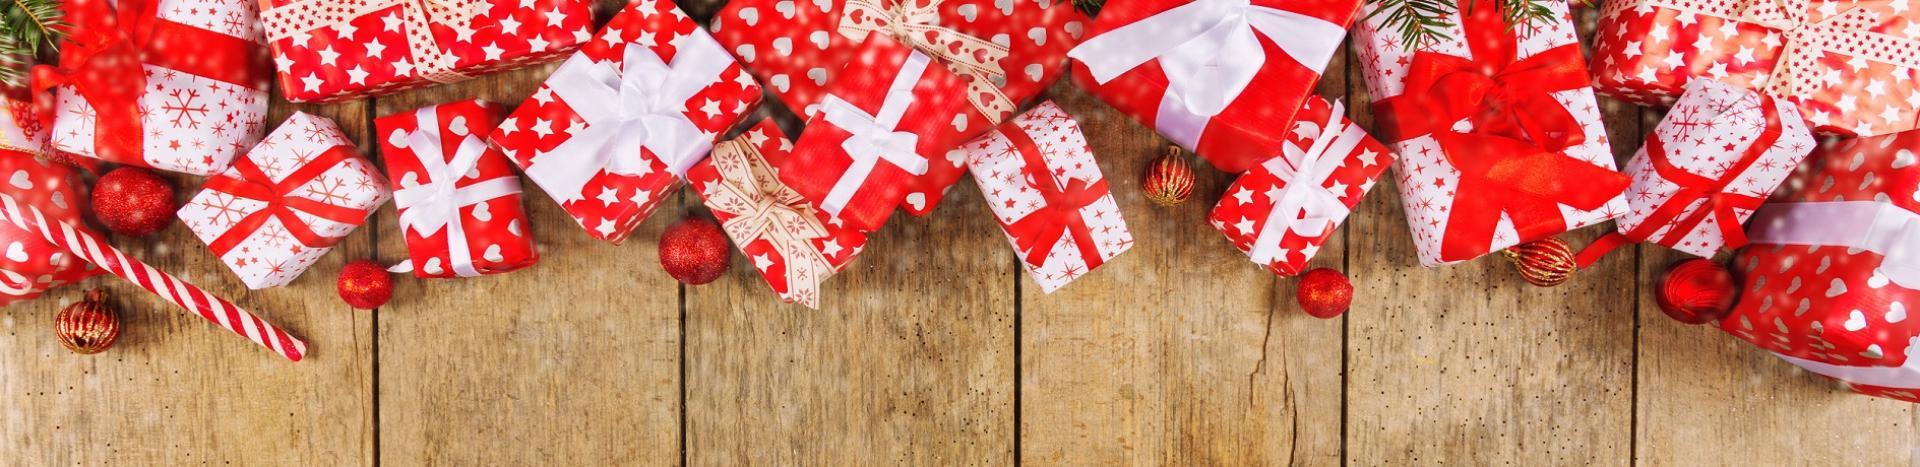 16 besondere weihnachtsgeschenke f r weltenbummler. Black Bedroom Furniture Sets. Home Design Ideas